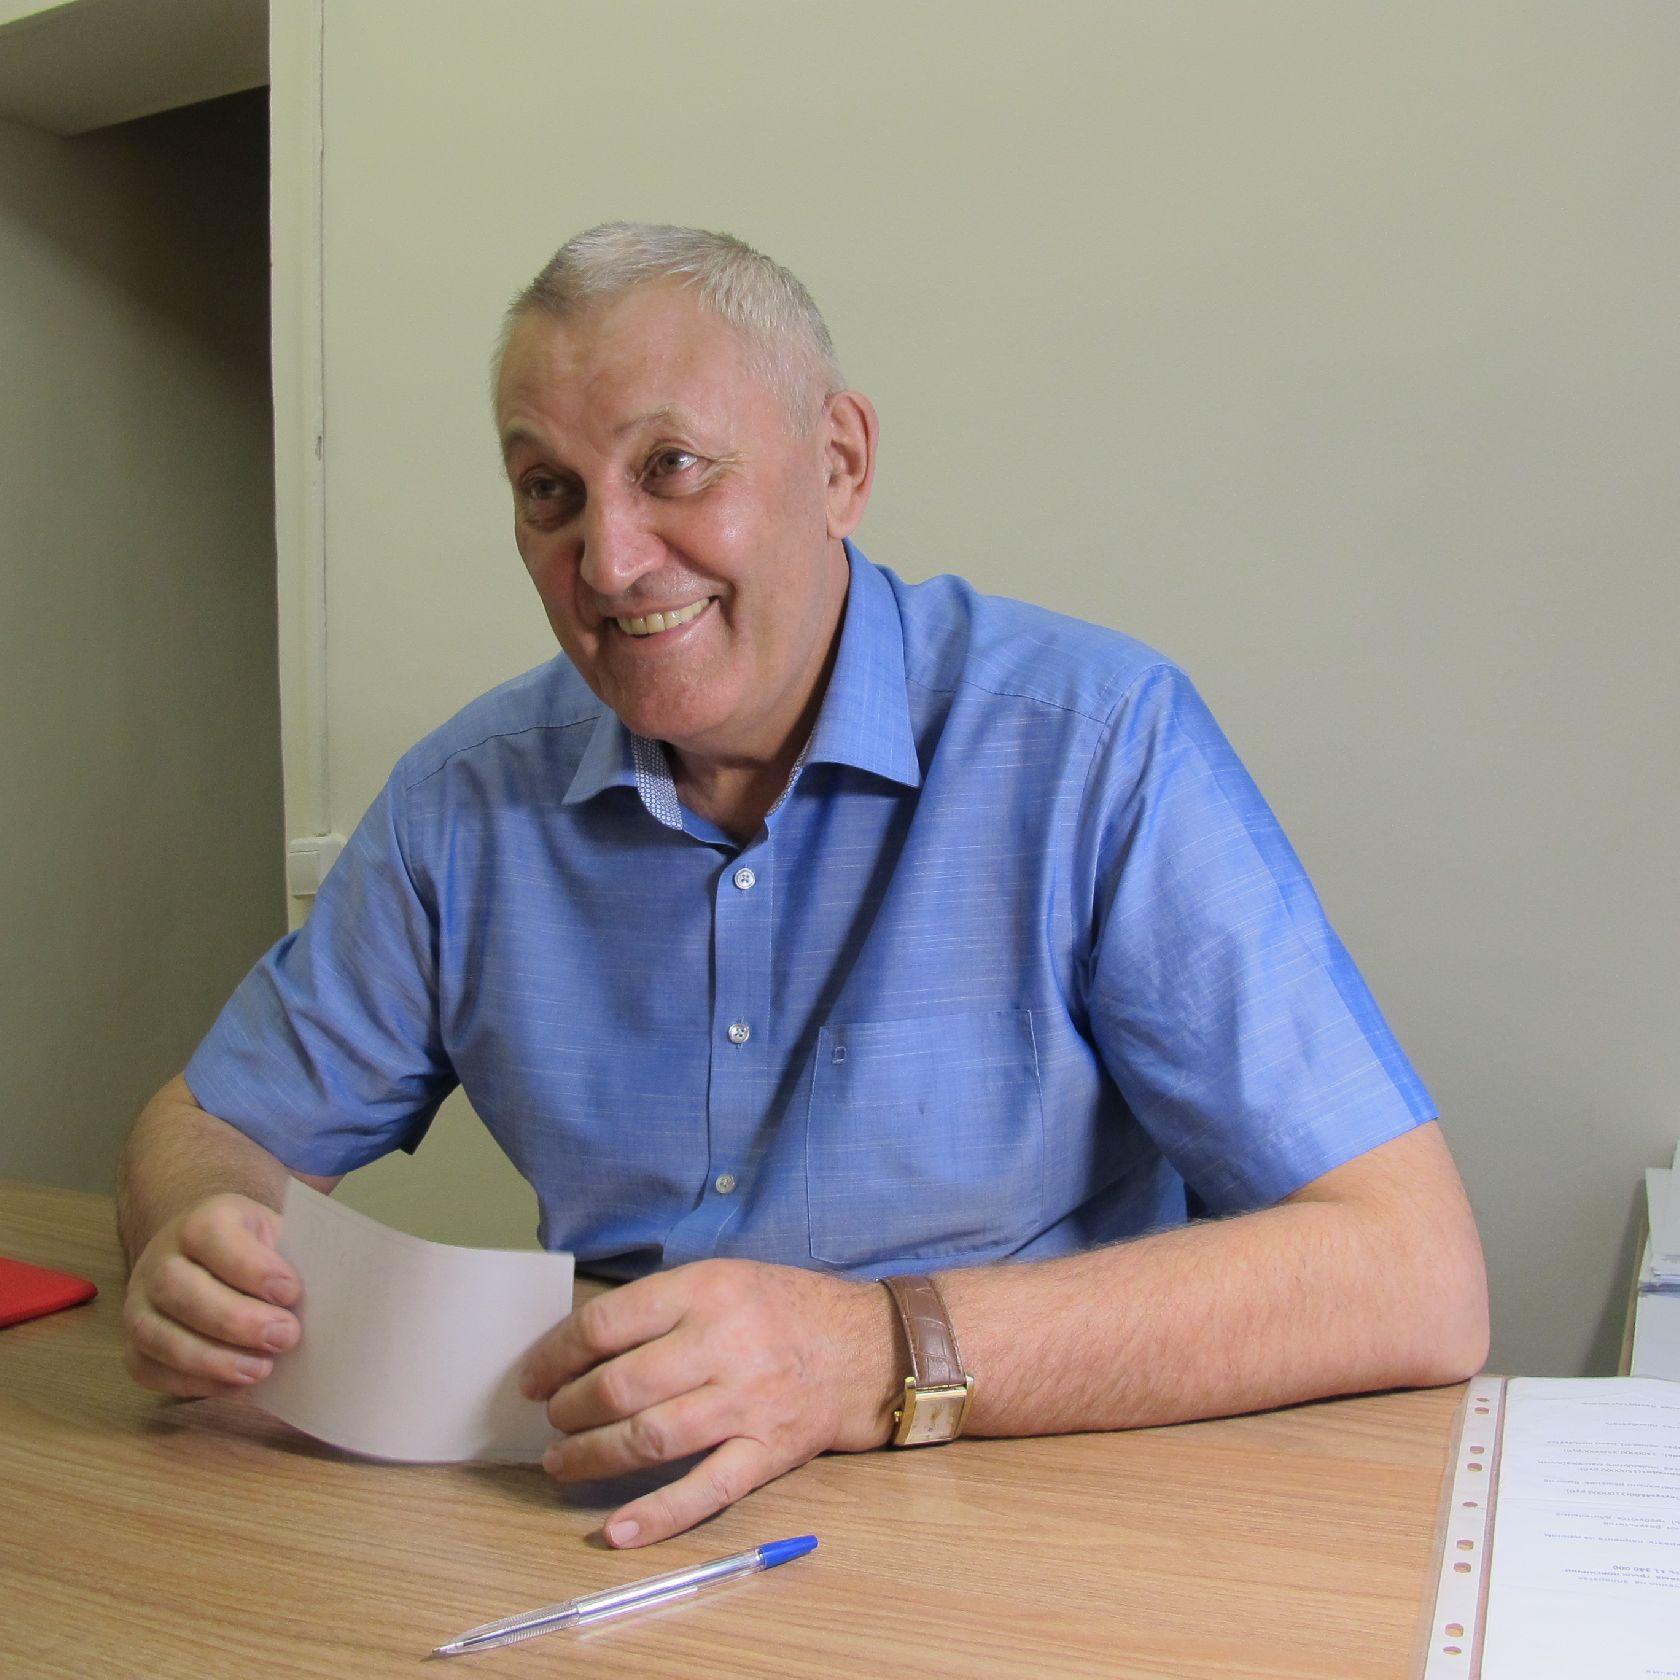 Сергей Веденеев, директор санатория «Озеро Карачи»